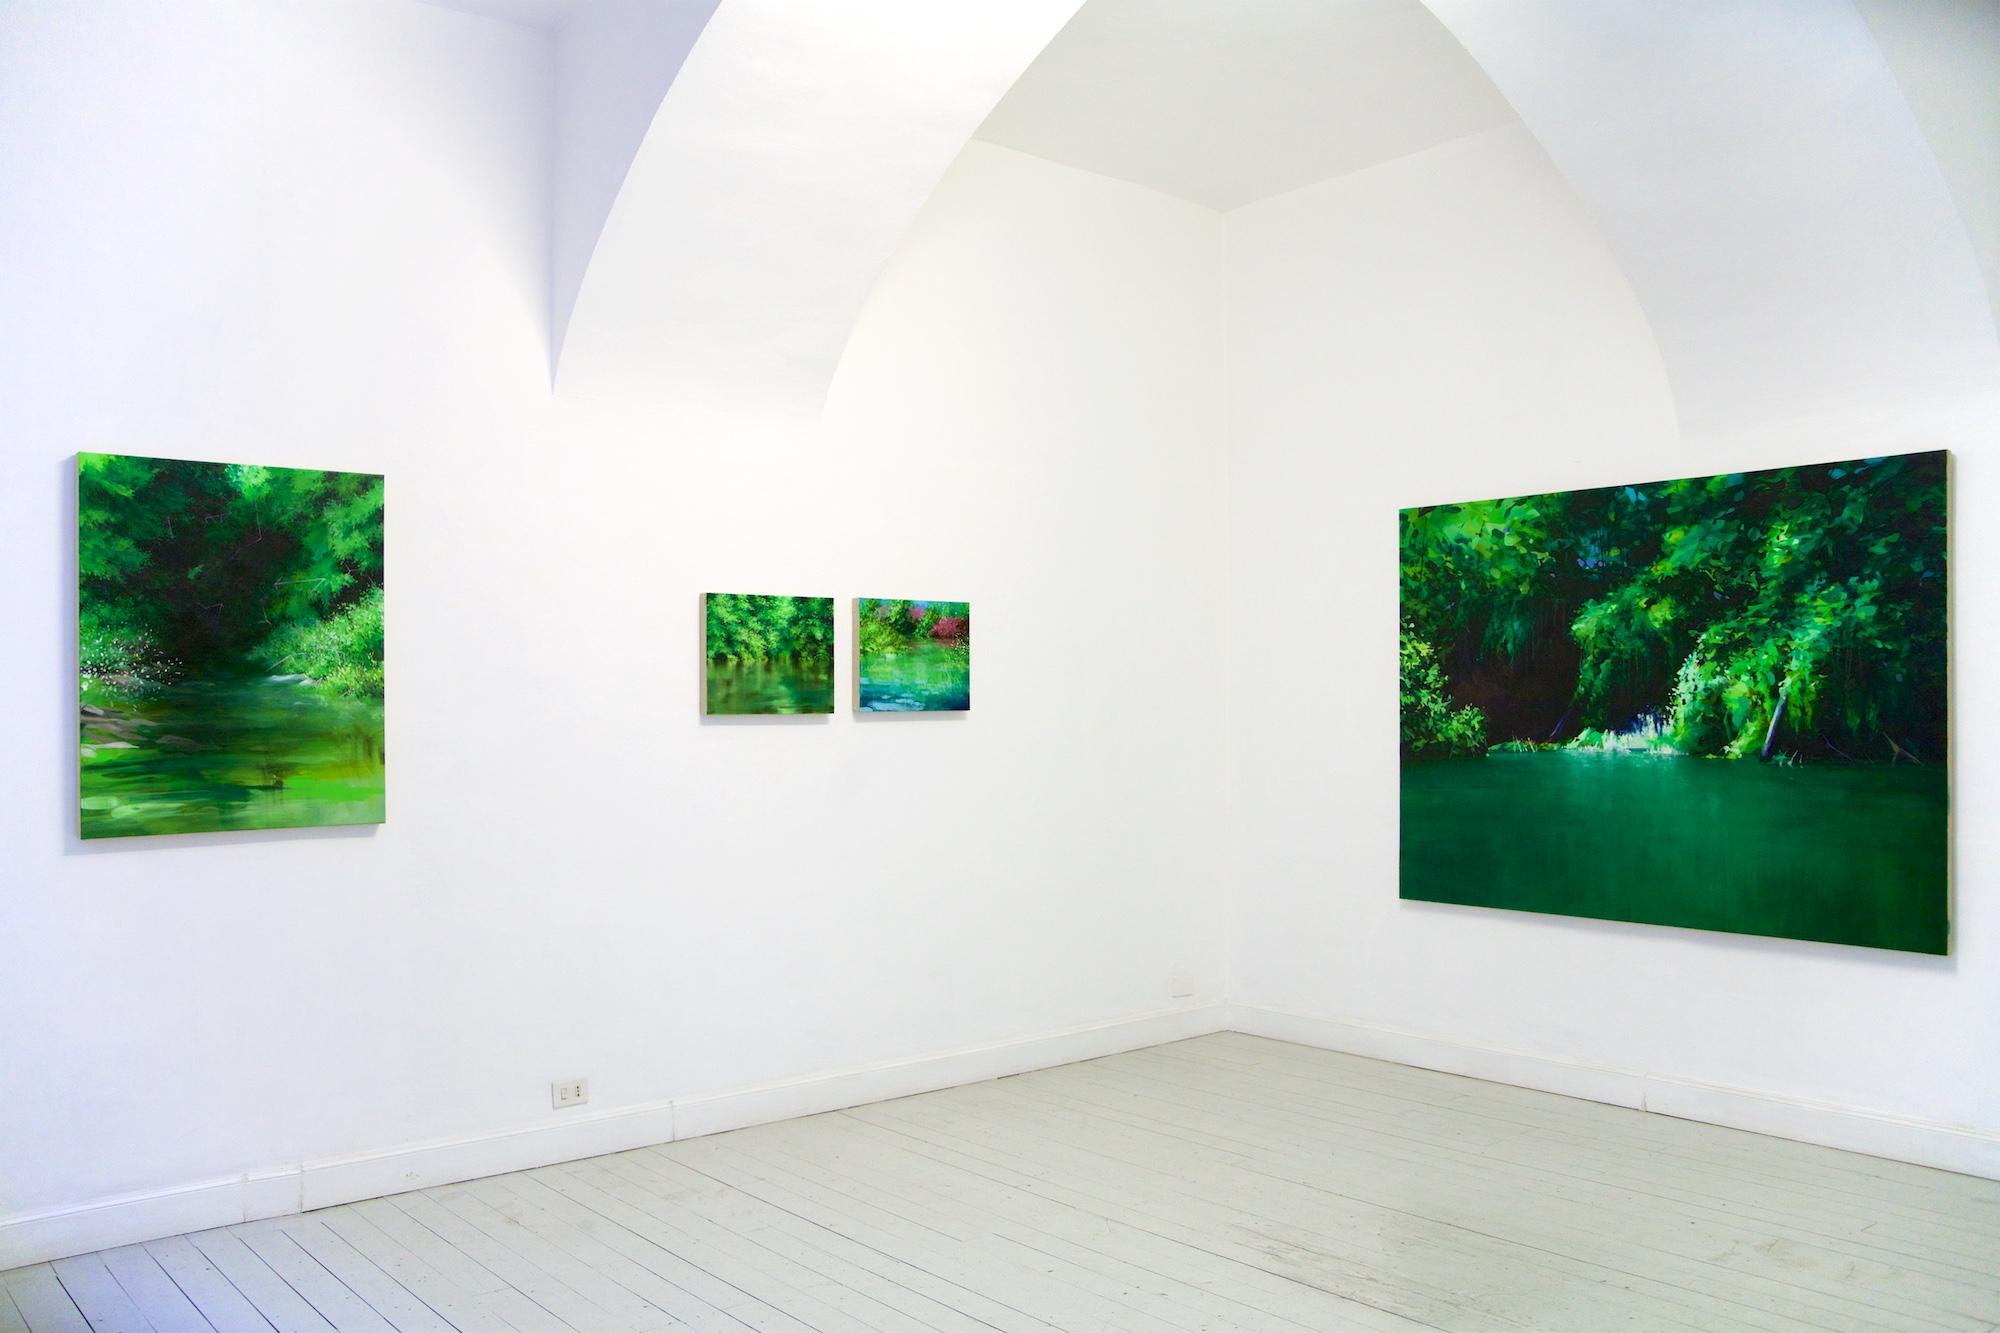 Del buio e altre storie di luce, Enrico Minguzzi